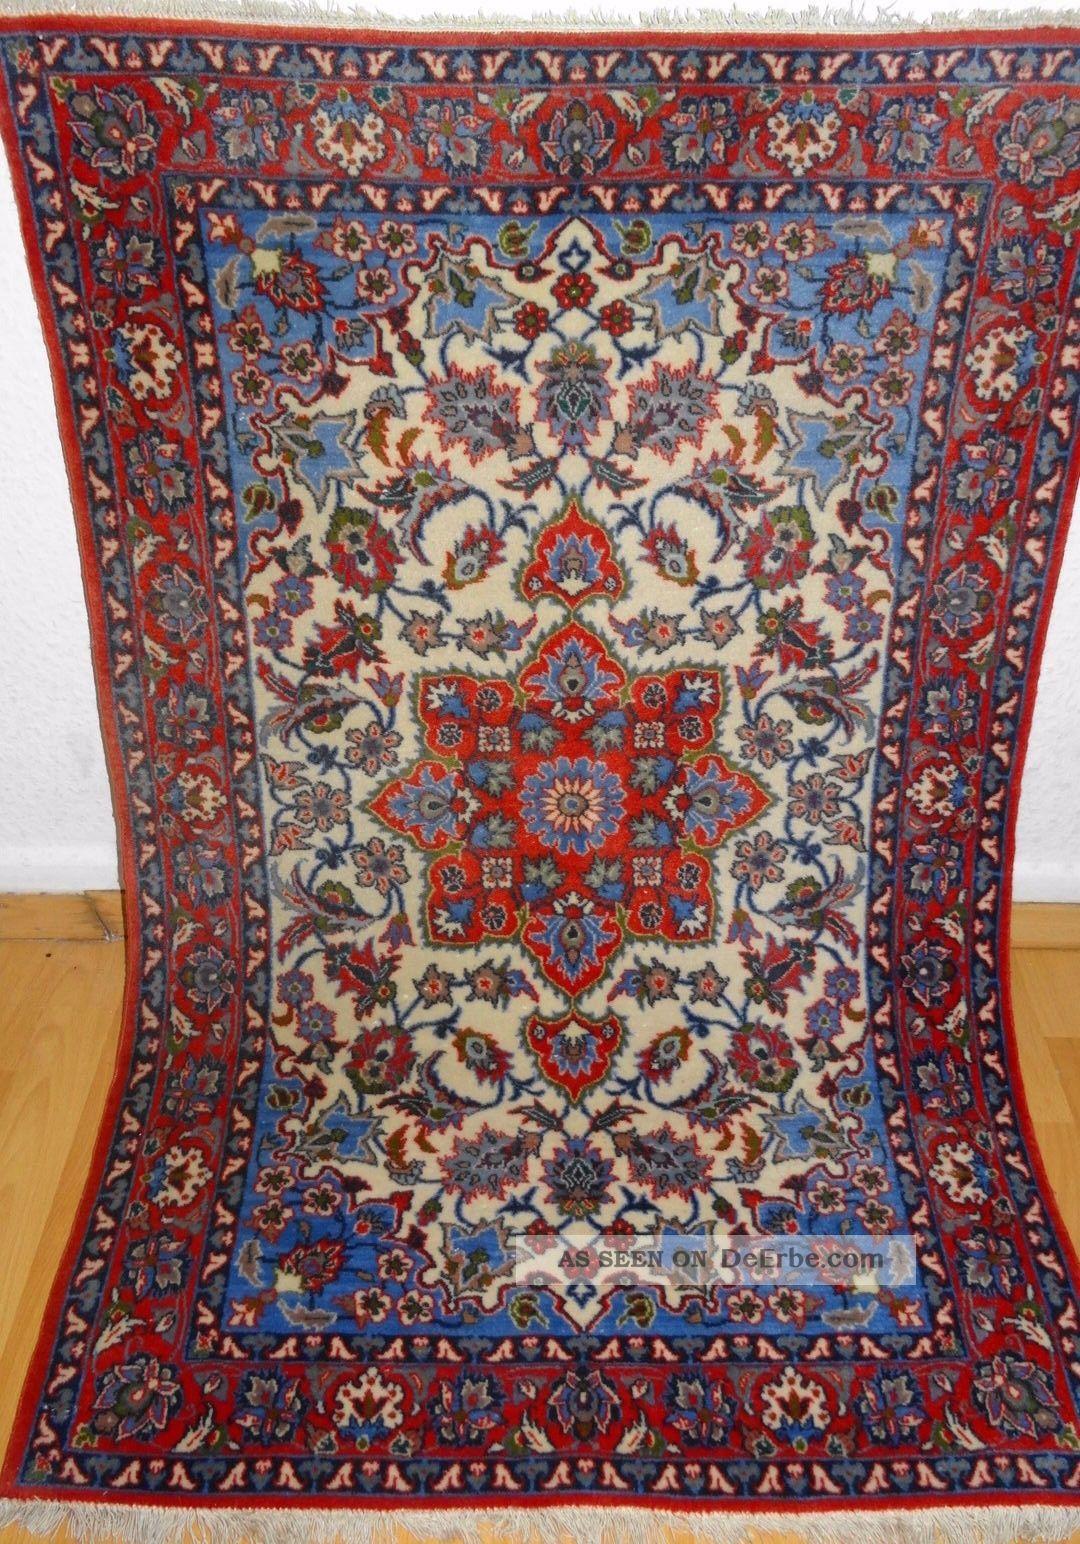 Echte Handgeküpfte - Perser Teppich Top / Ware - Tappeto - Tapis,  Rug,  1 Million - K/n Teppiche & Flachgewebe Bild